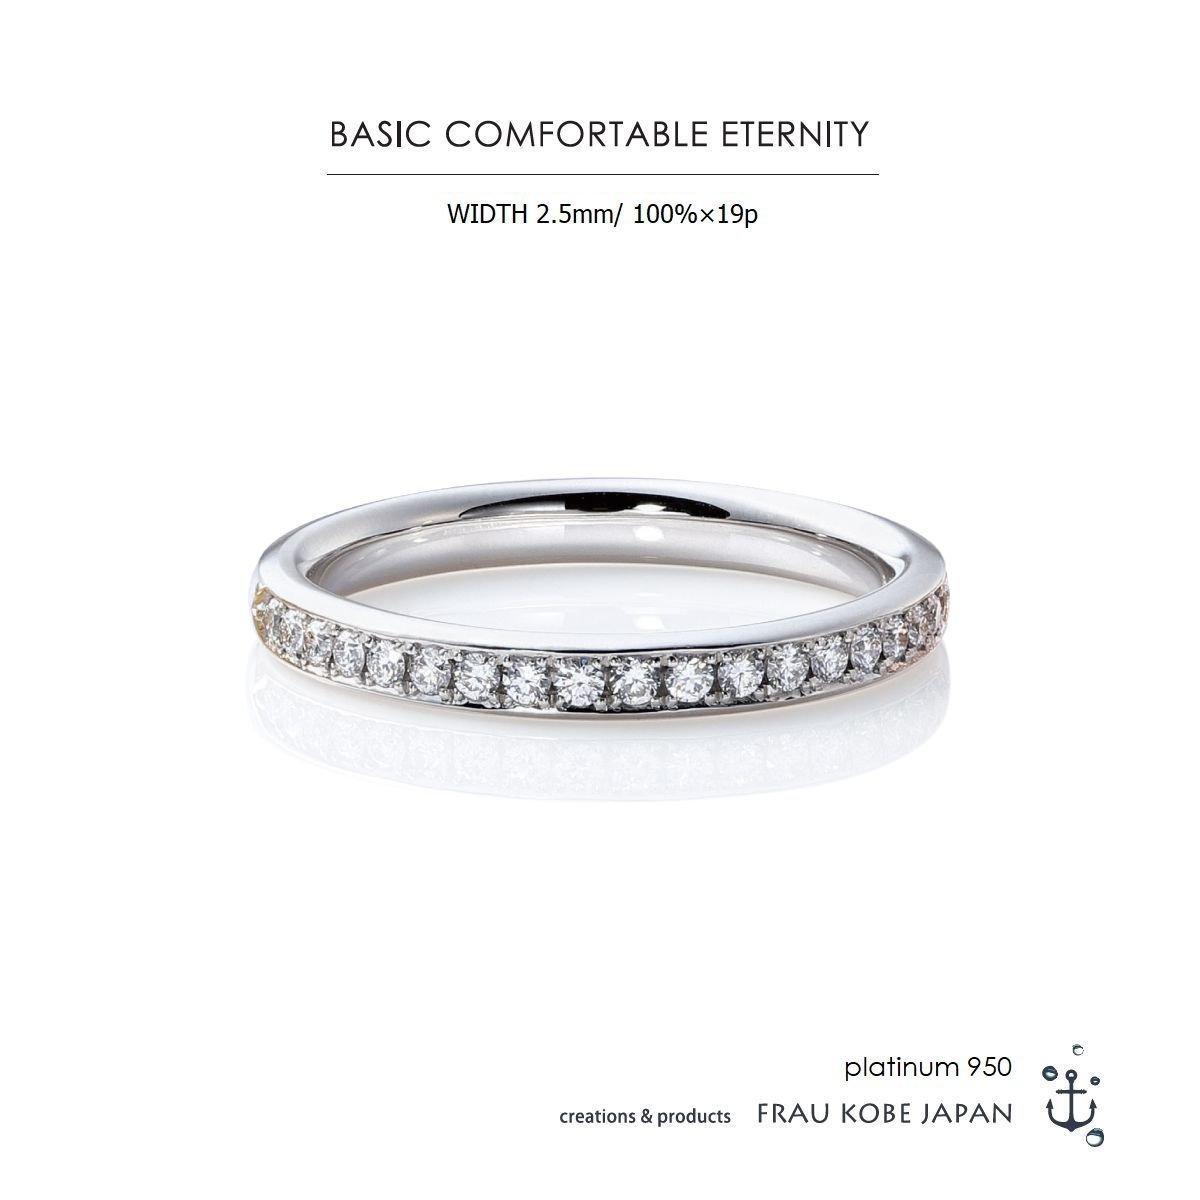 「BASIC COMFORTABLE ETERNITY」エタニティリング2.5mm